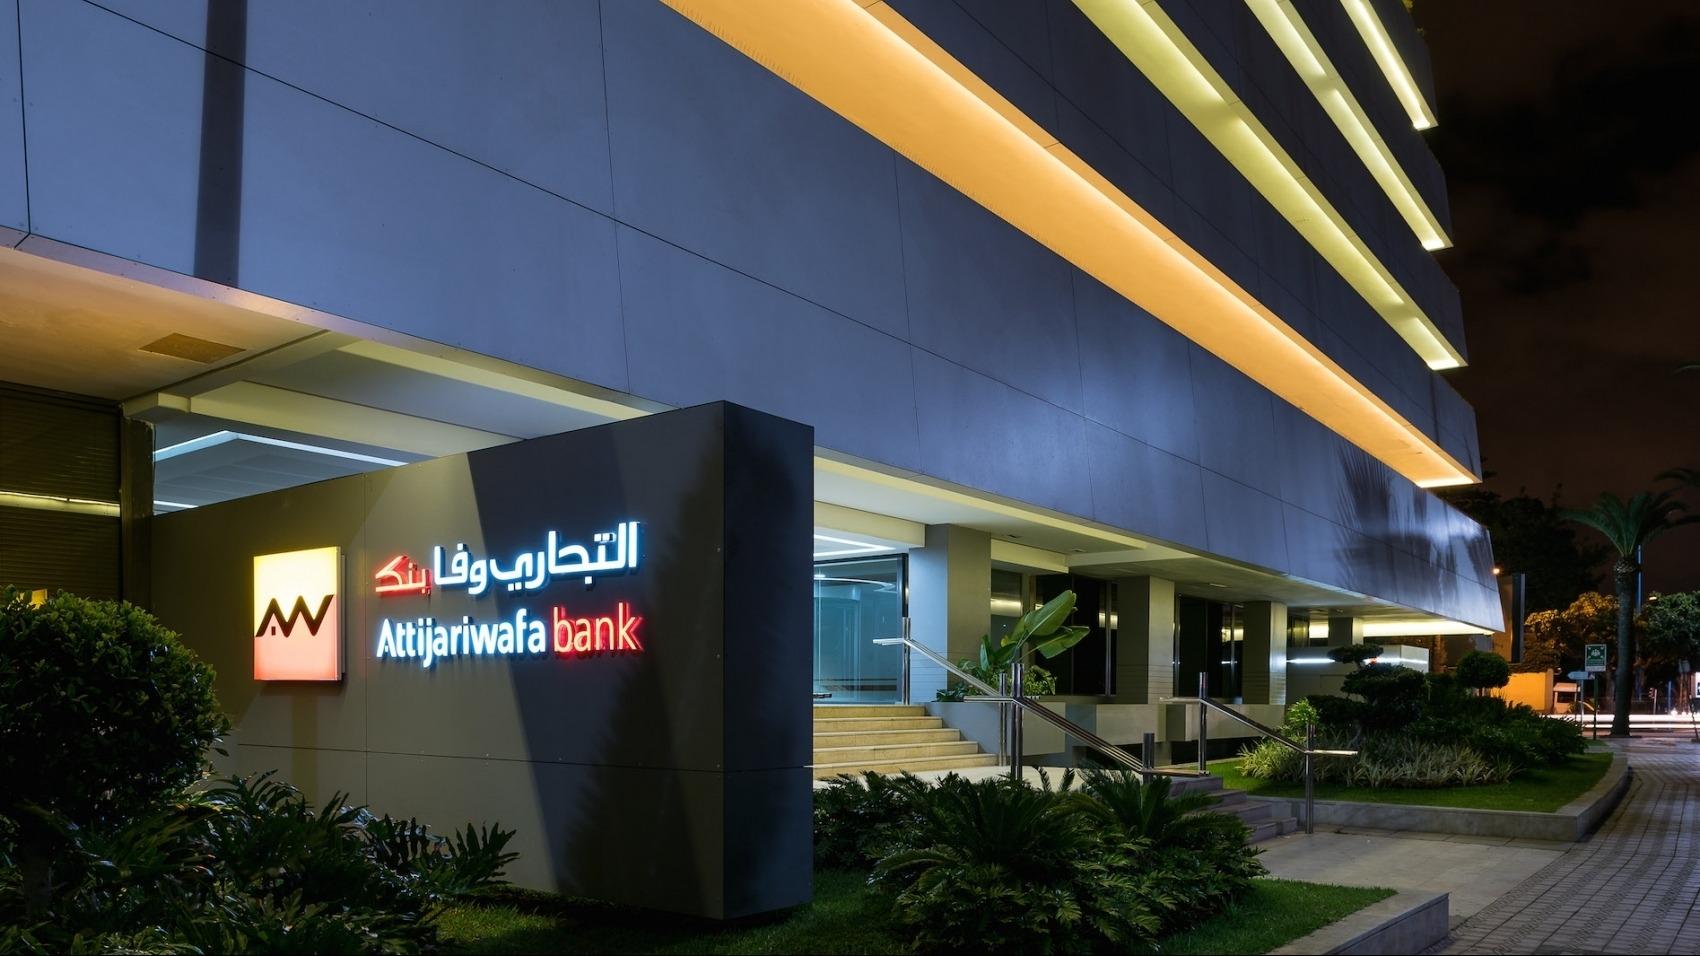 وظائف شاغرة في بنك «التجاري وفا» لحملة المؤهلات العليا